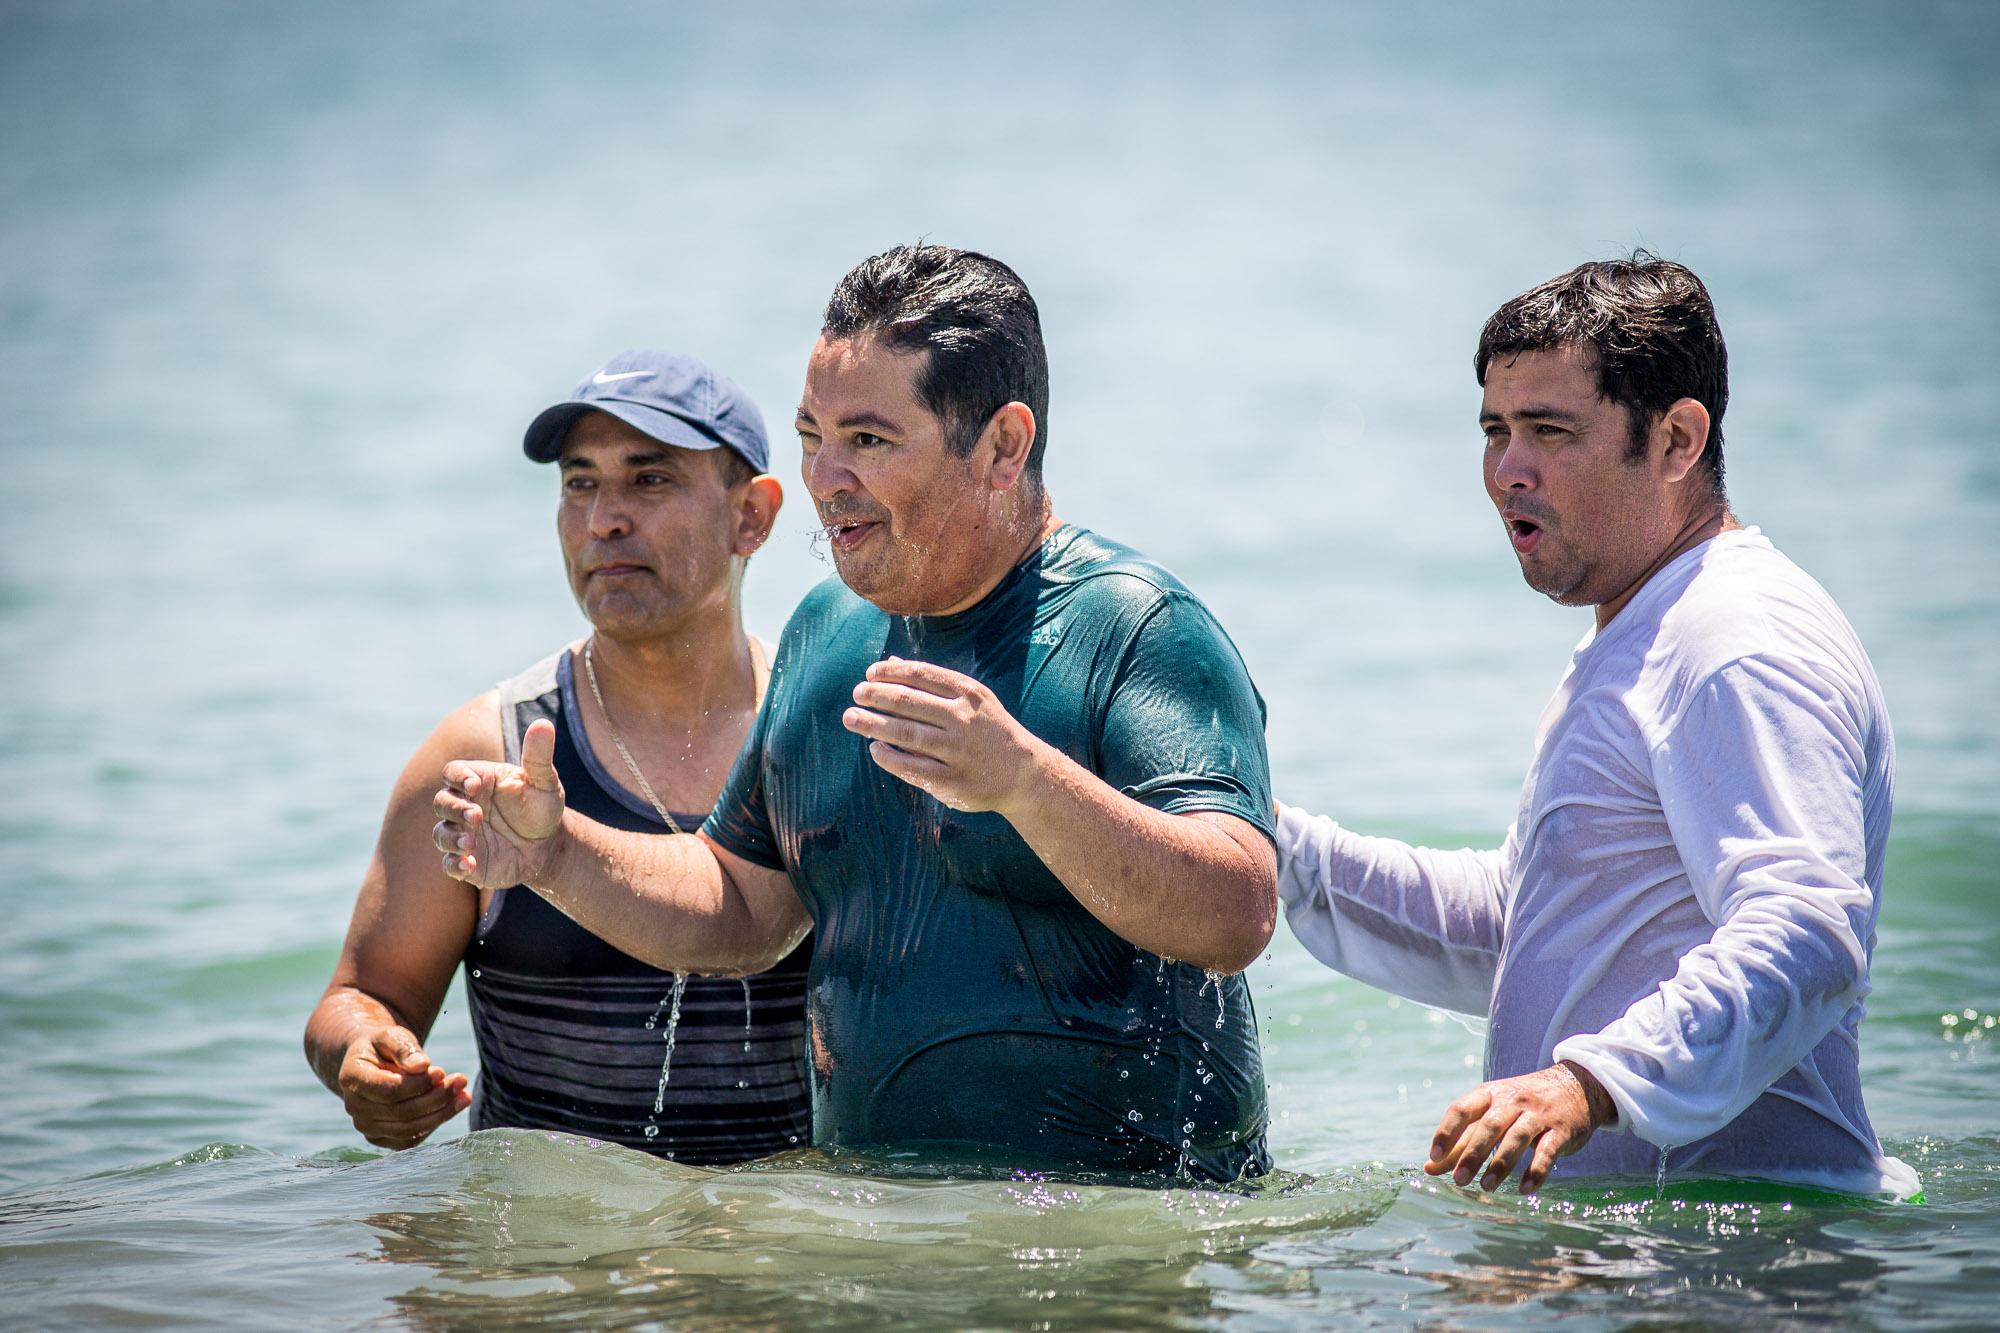 La Viña baptisms, at Corona Del Mar. 2018